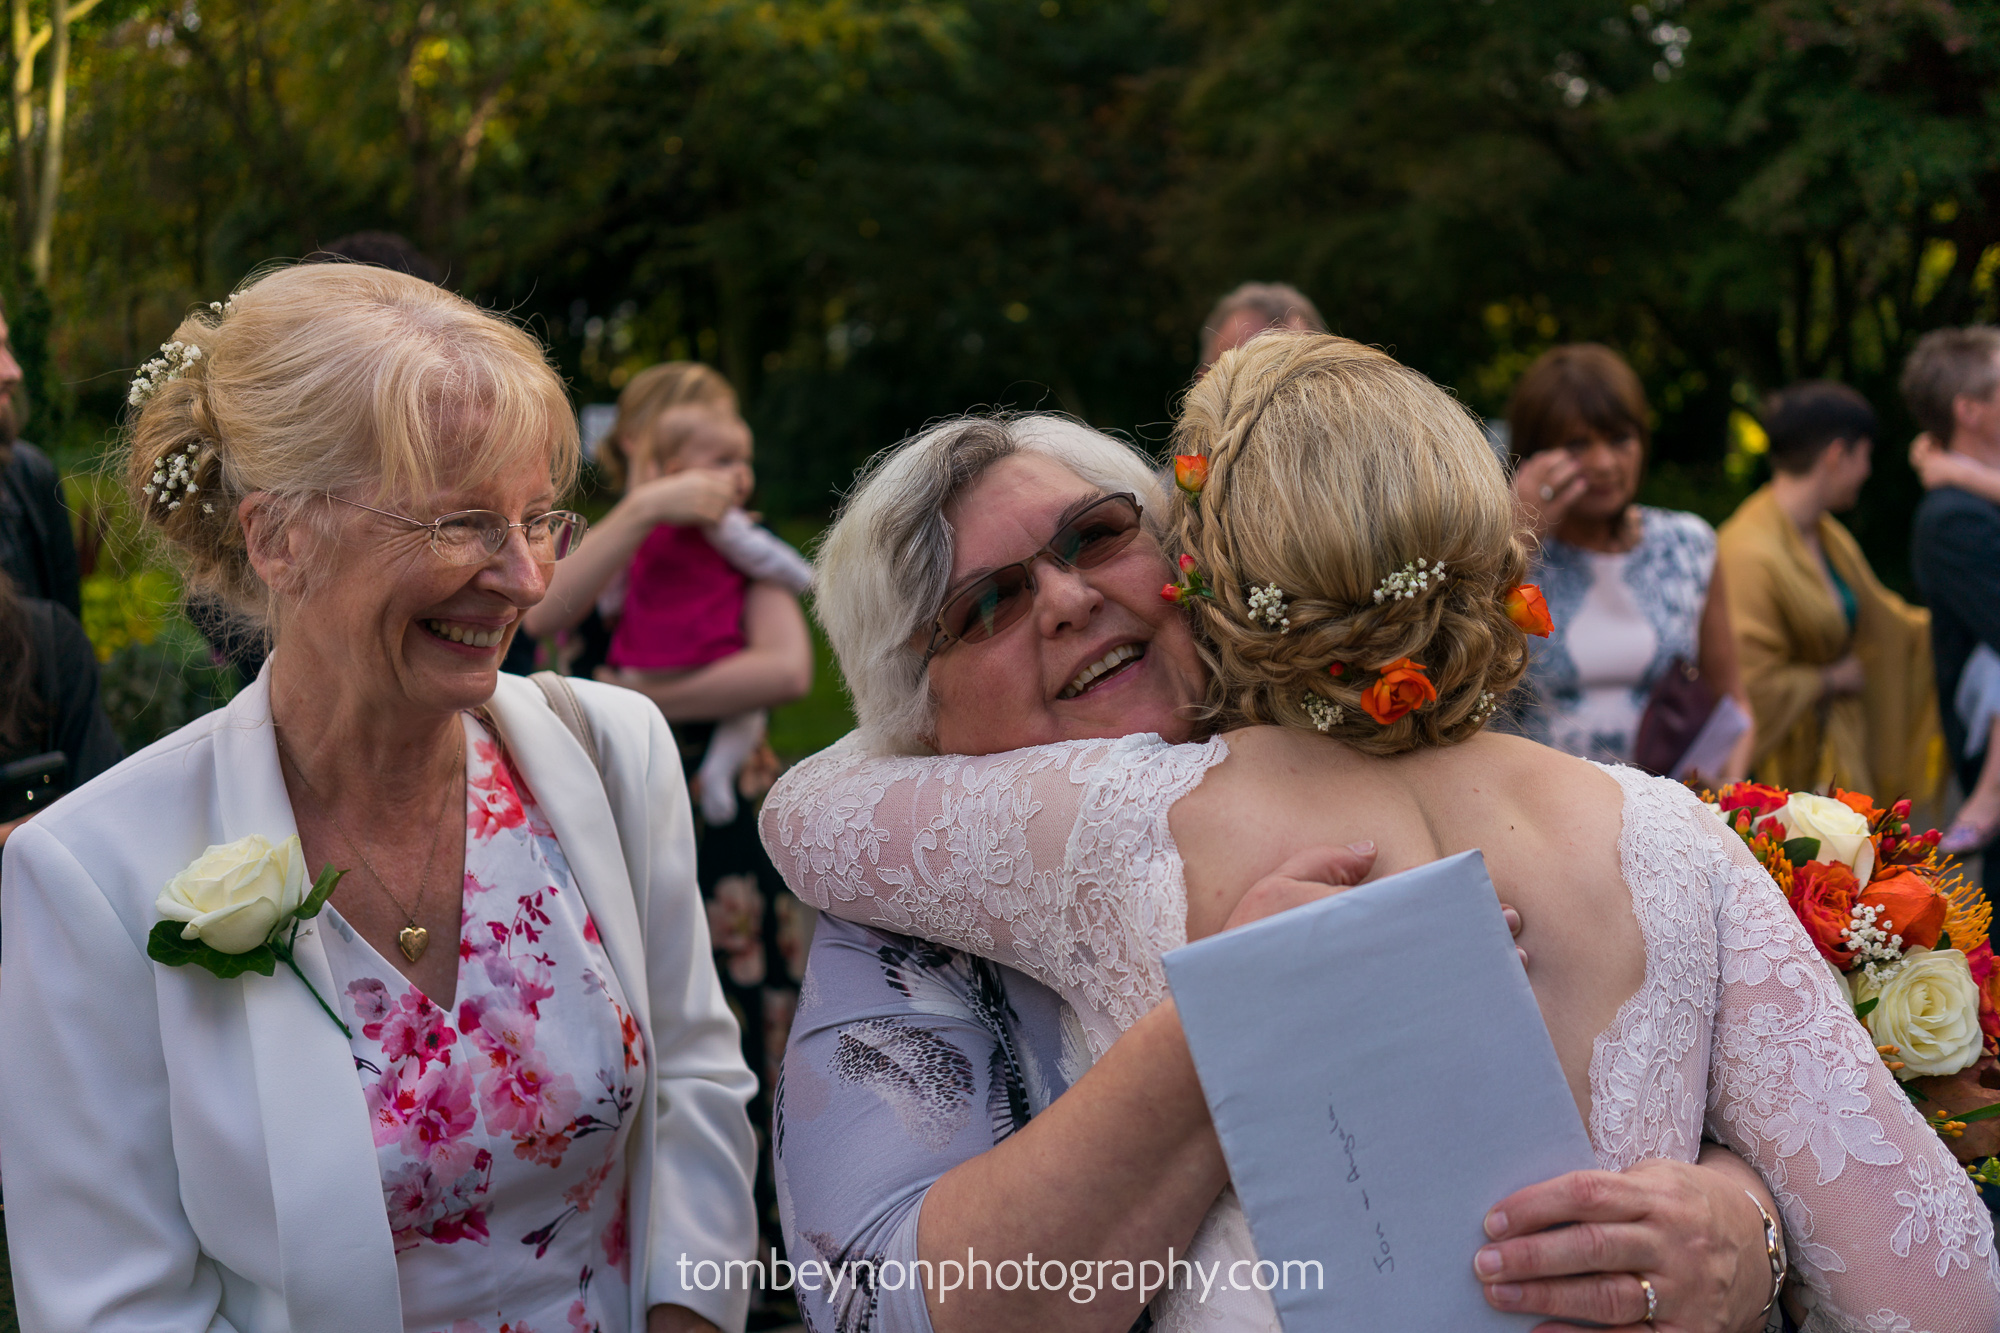 Bride greets a guest